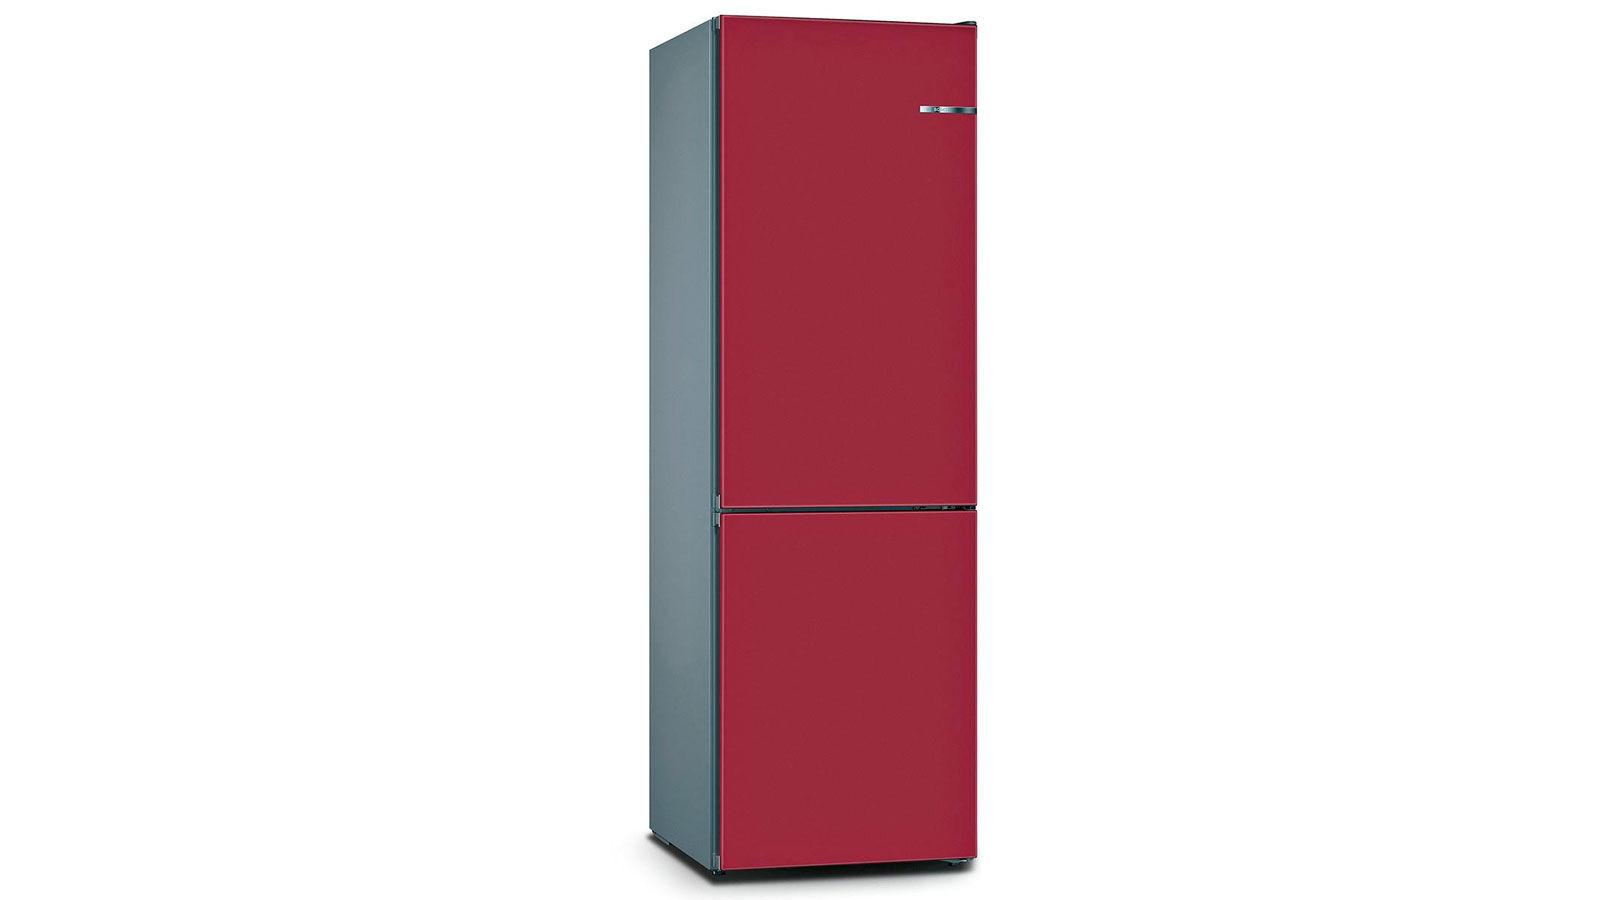 BOSCH 324L雙門雪櫃/配可更換門板 KVN36IE3BK-野莓紅色